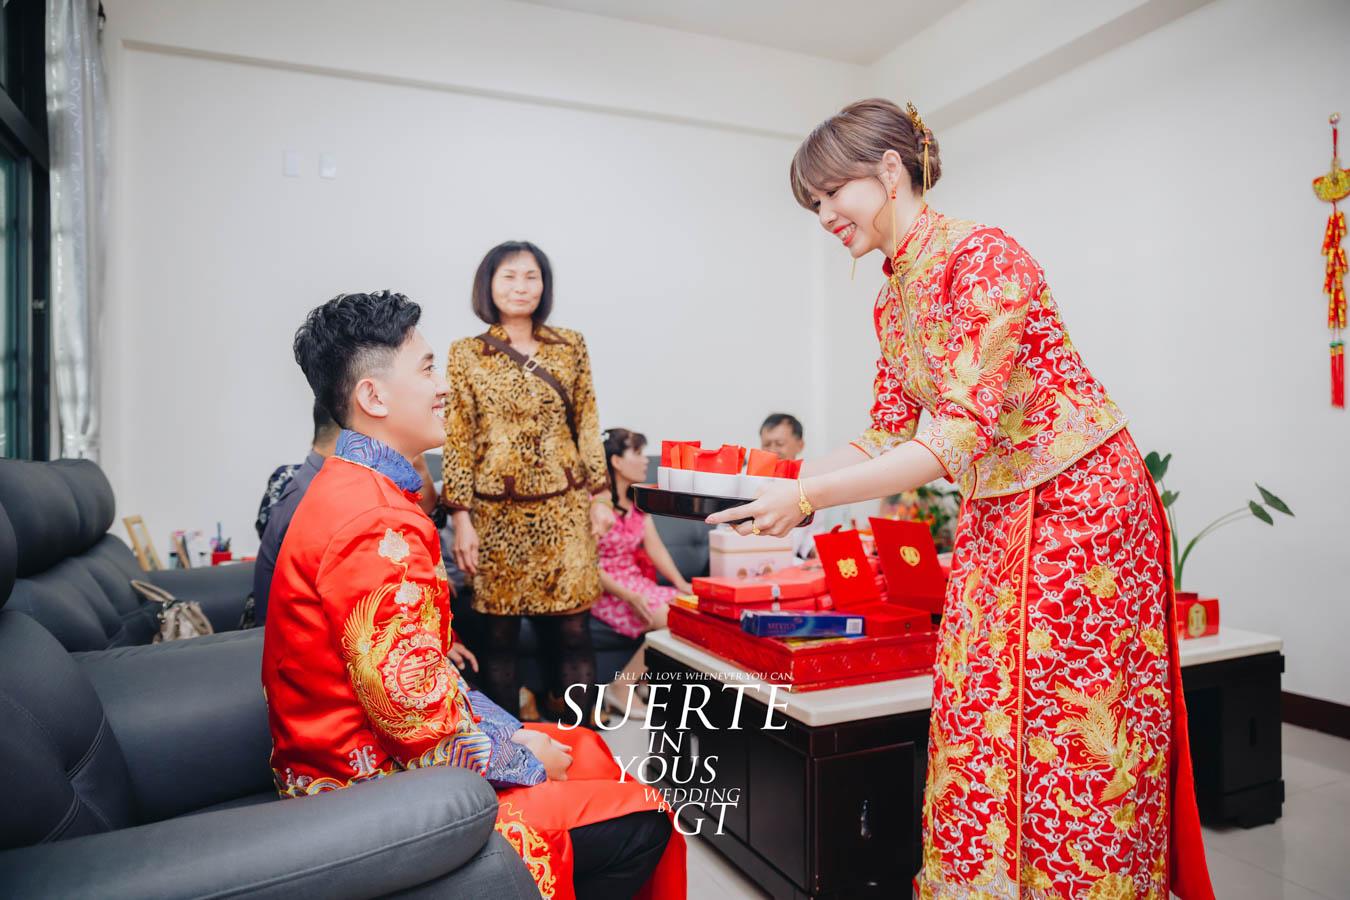   榮傑+倩如  Wedding 婚禮紀錄  雲林自宅